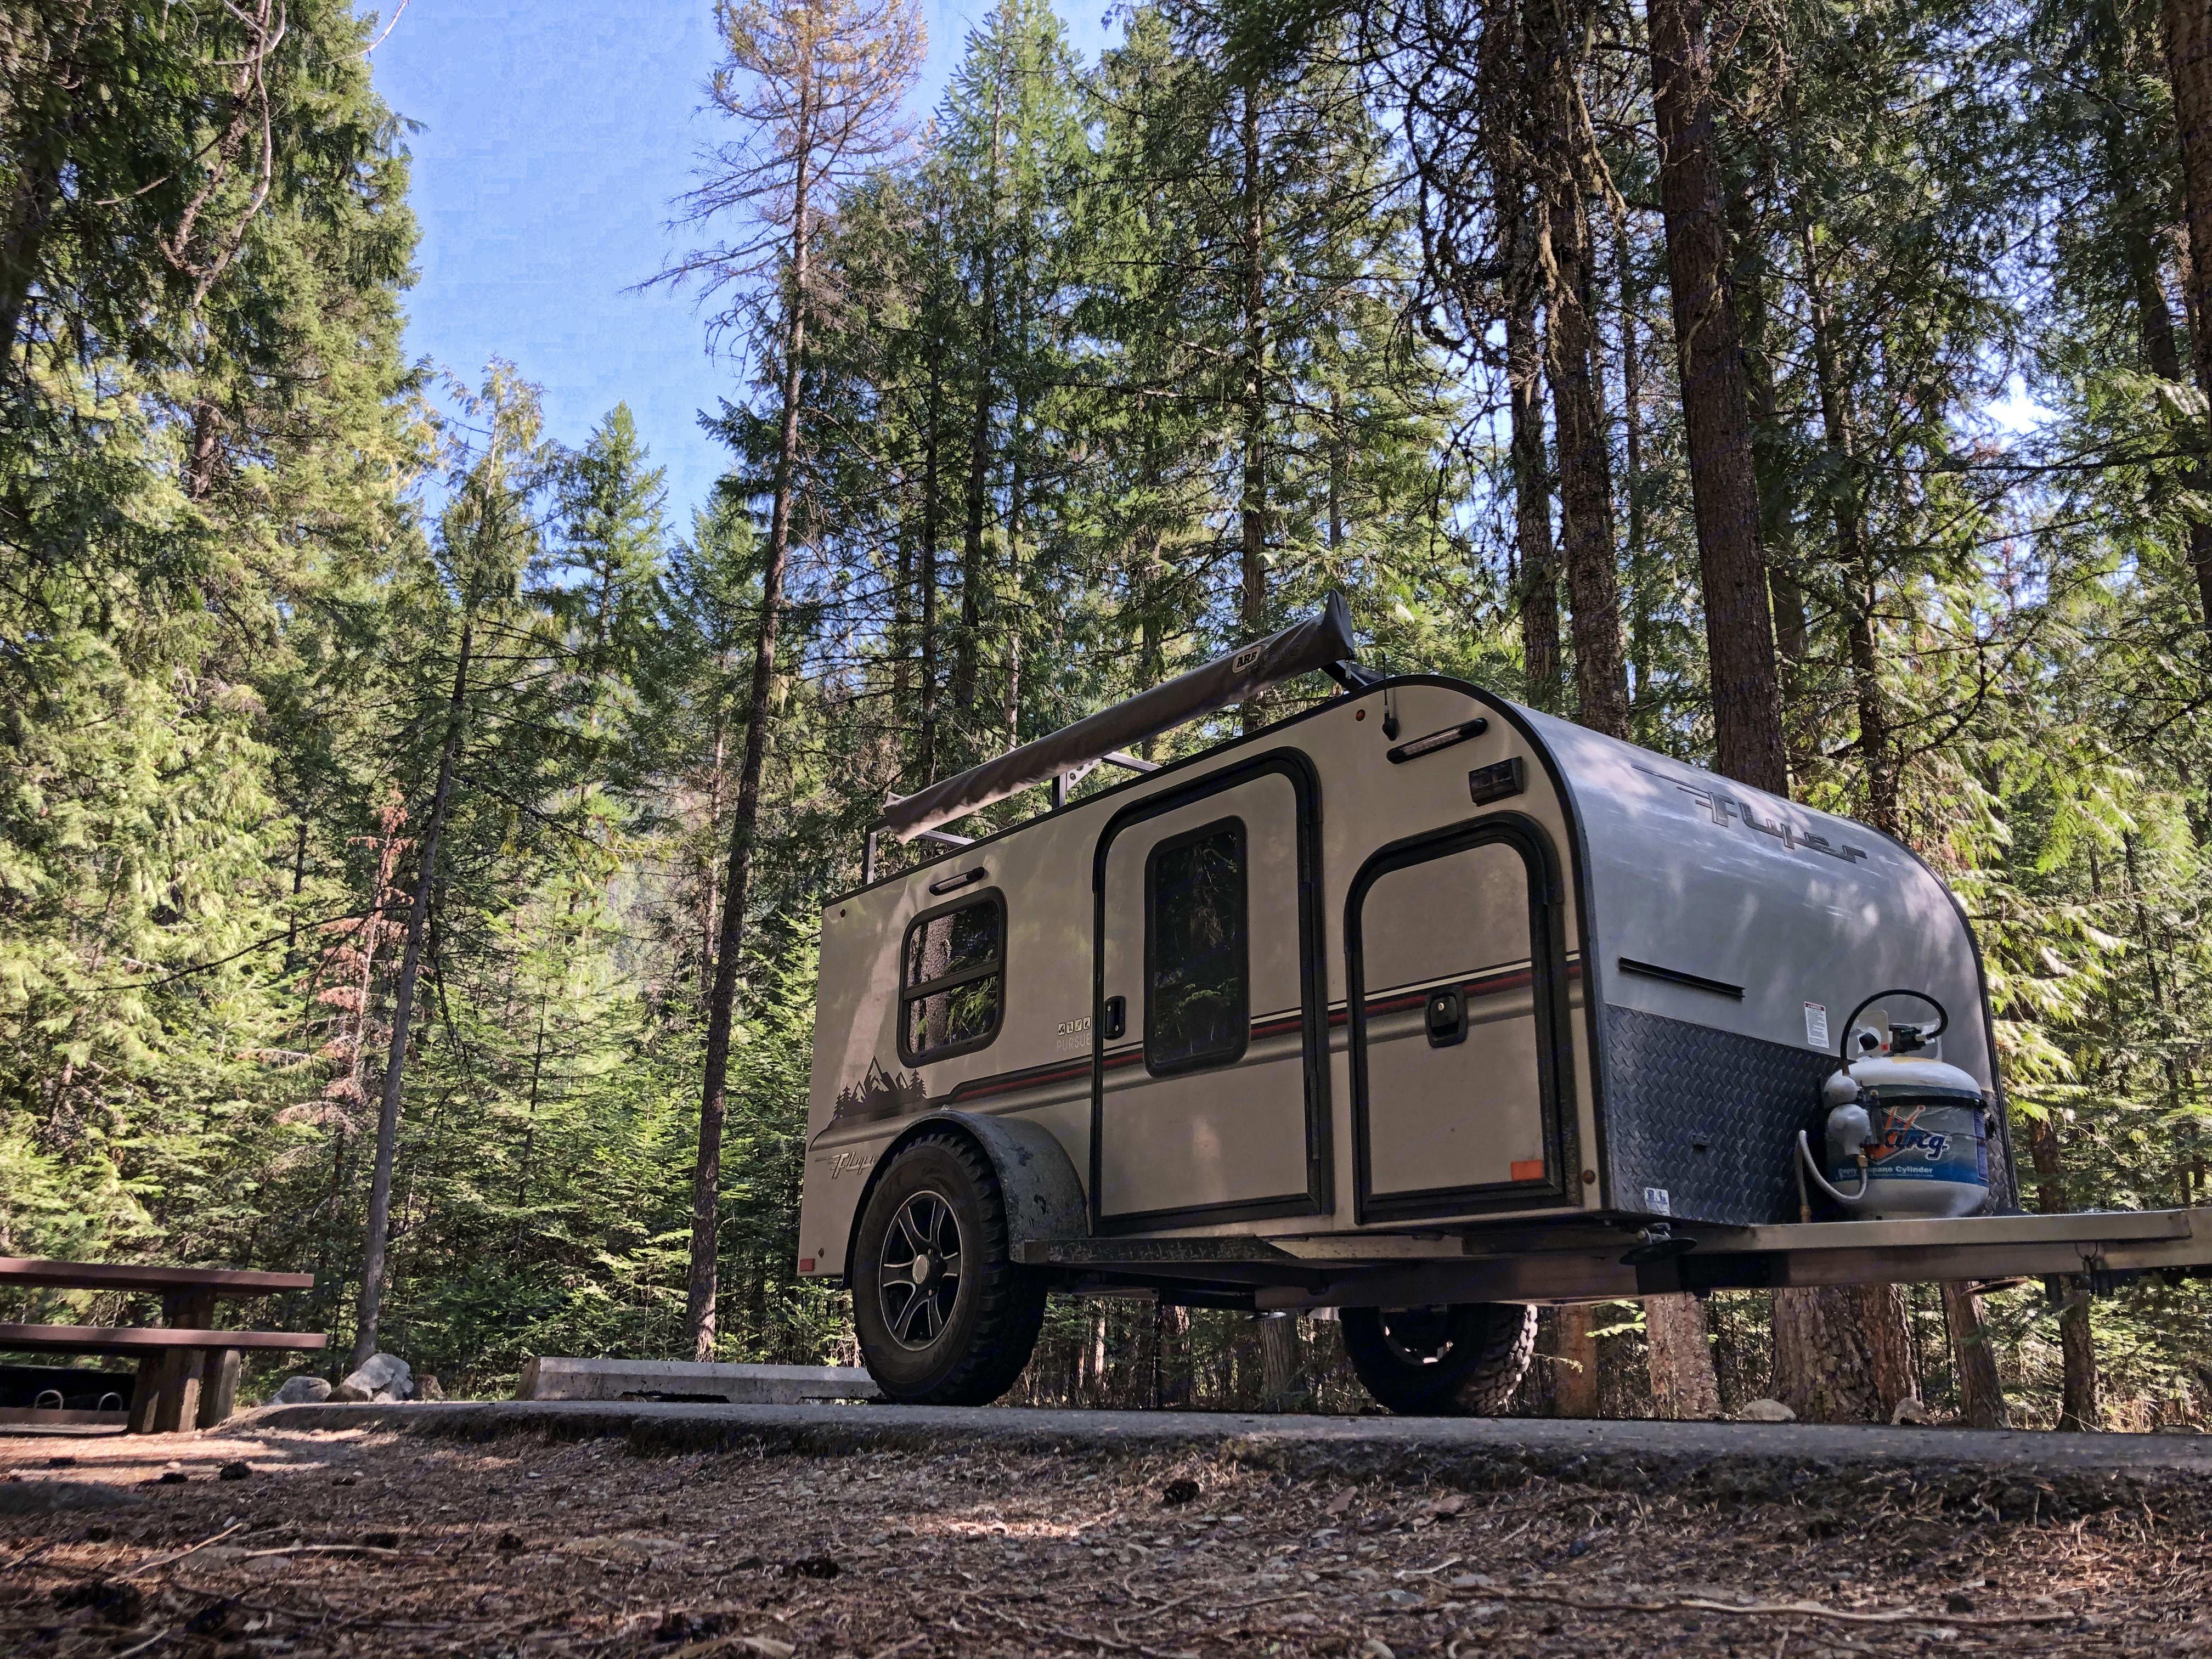 At campground in Idaho. InTech RV Flyer Pursue 2018